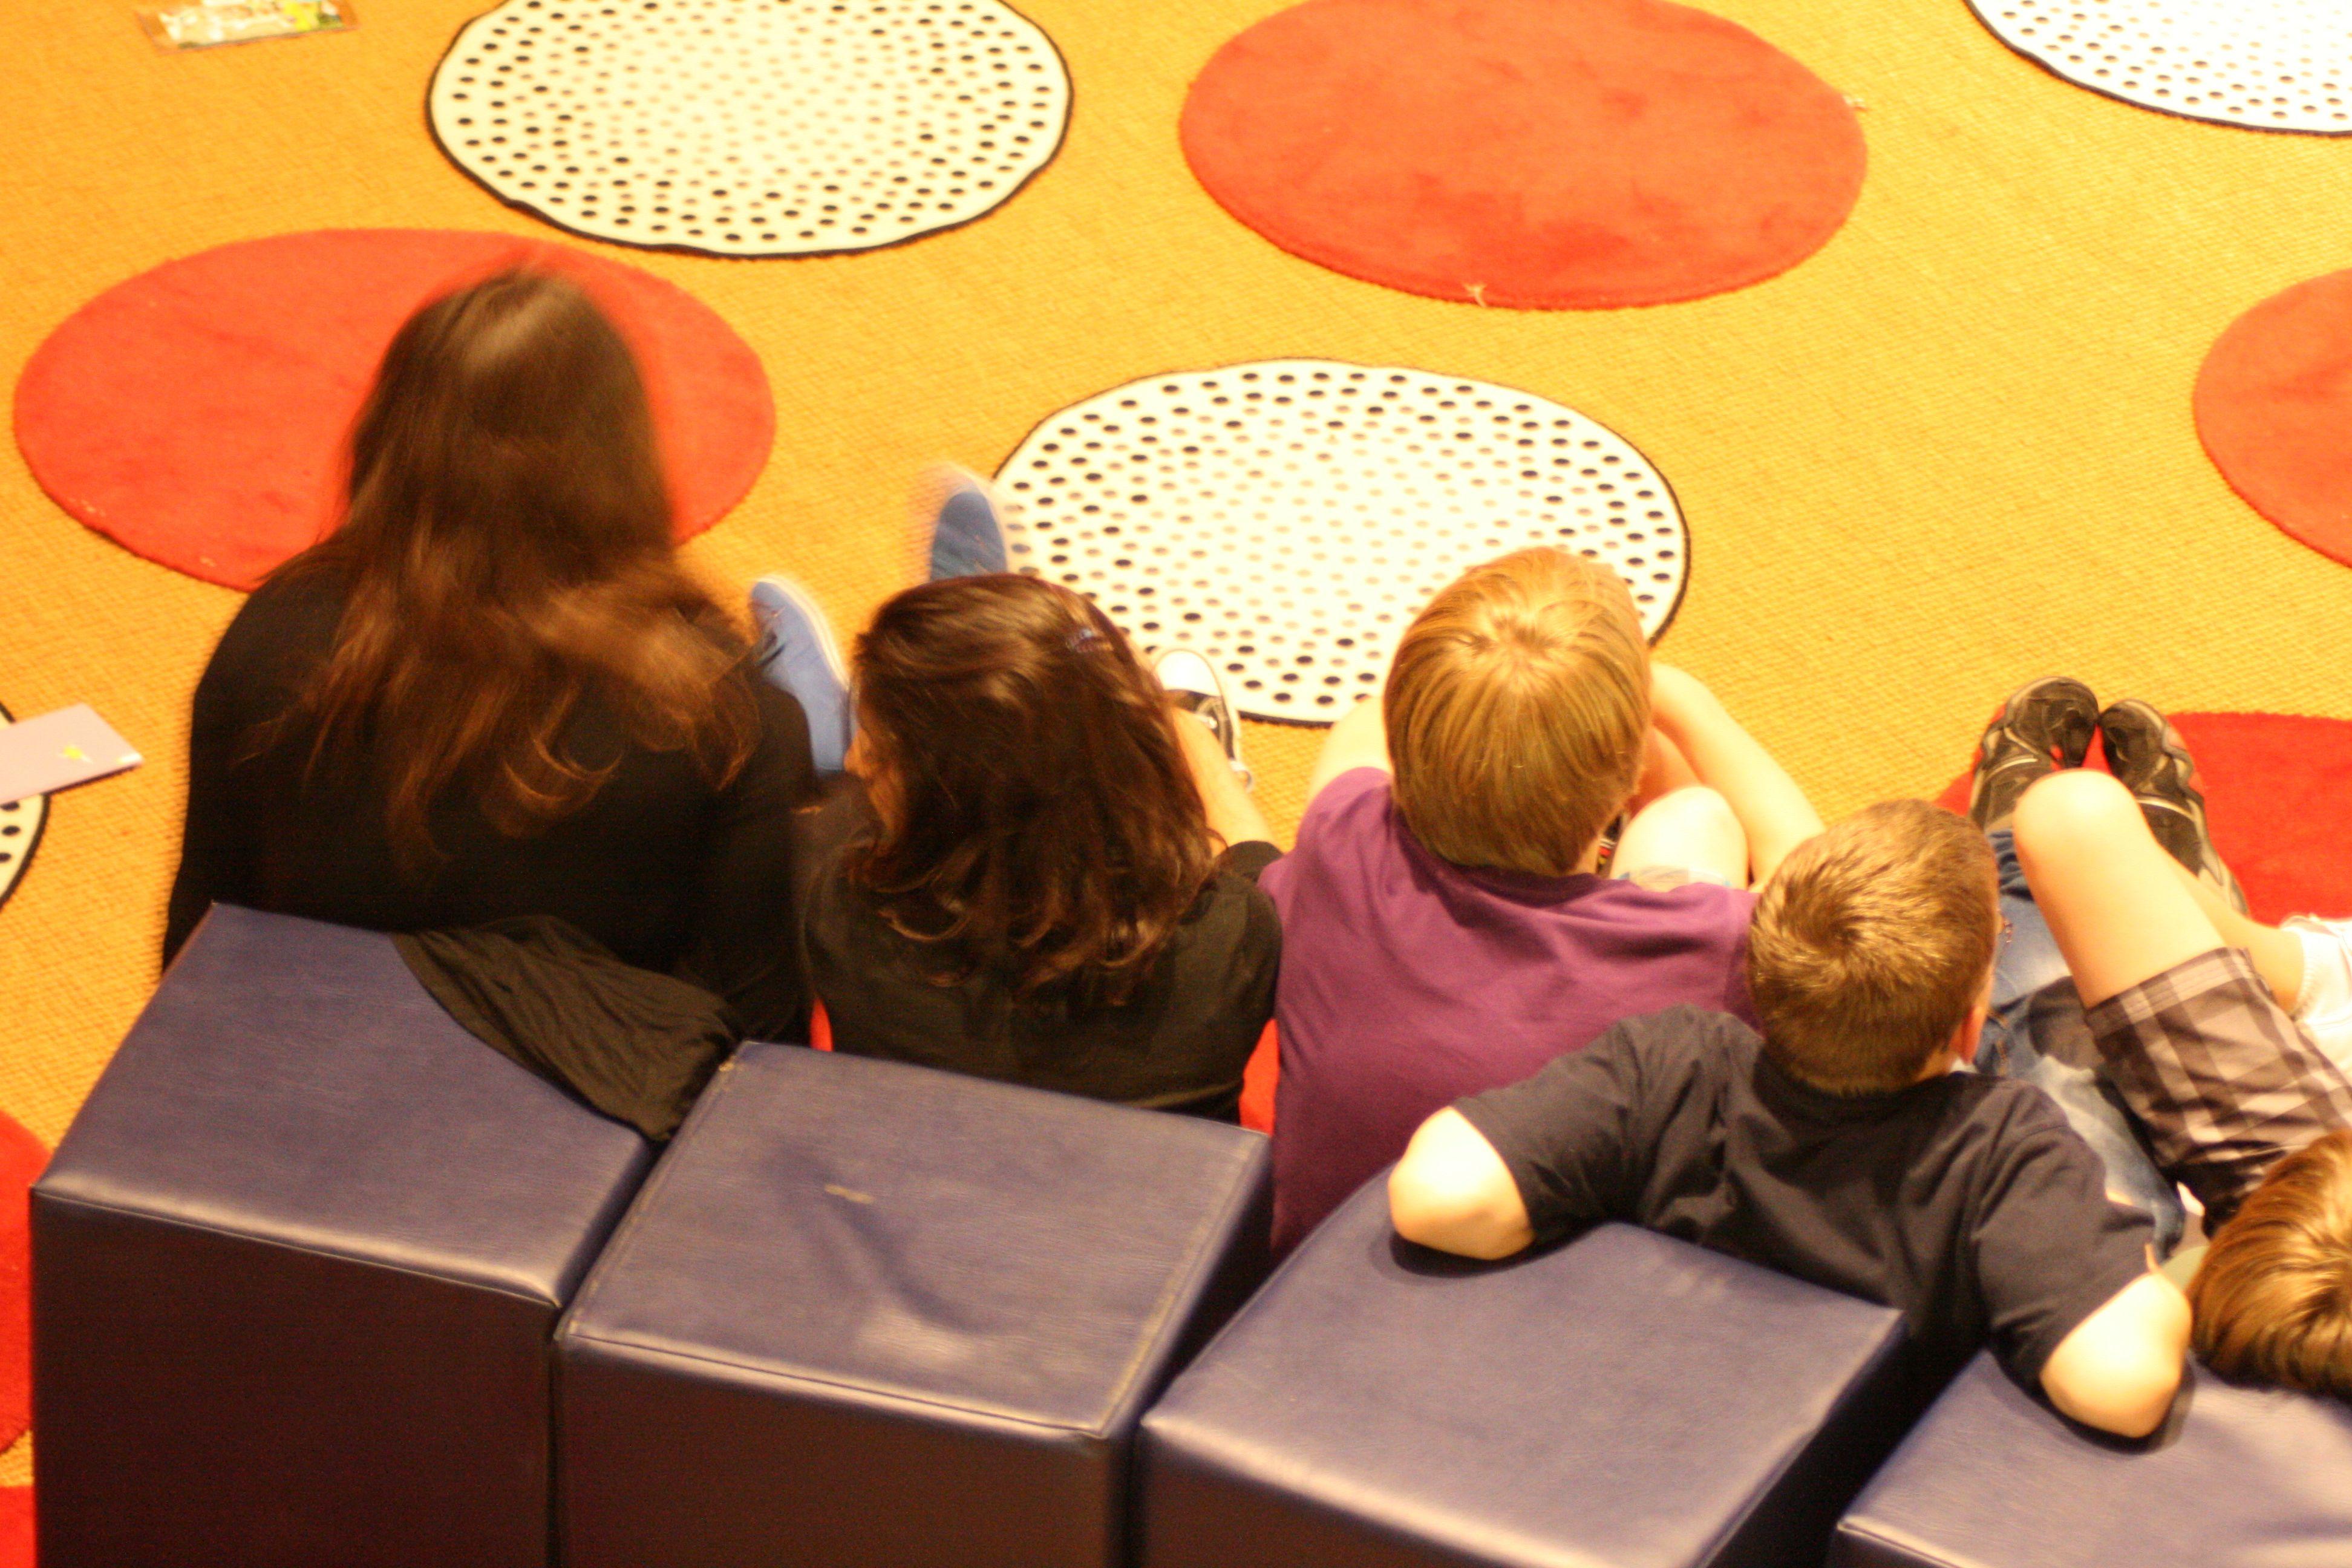 Schüler Lise-Meitner-Gymnasium